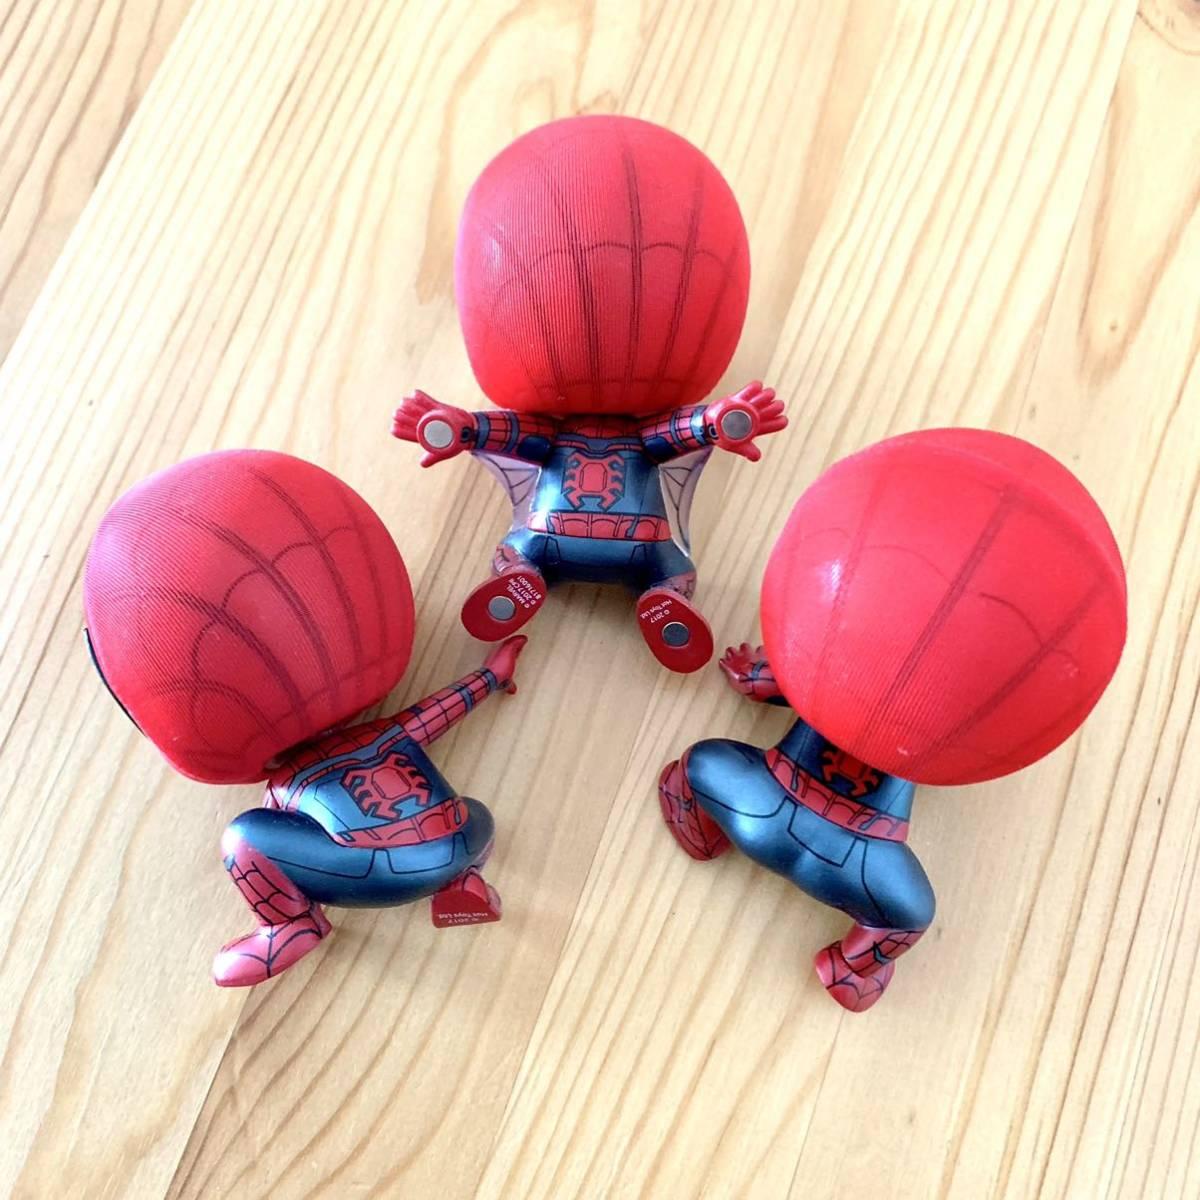 スパイダーマン ワンピース でんでん虫 ルパン三世 峰不二子 タコ フィギュア おもちゃ_画像3